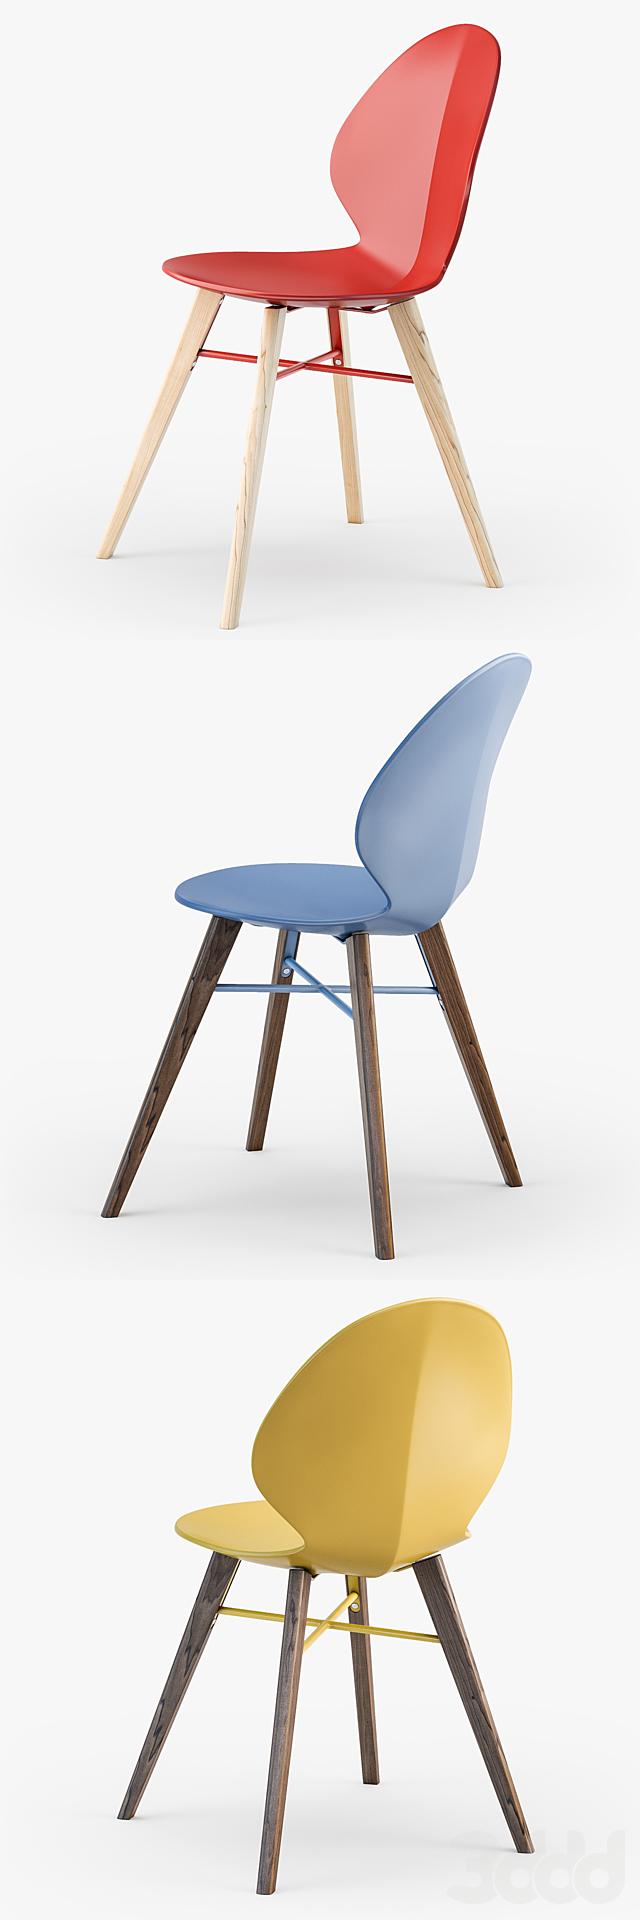 Calligaris Basil w chair